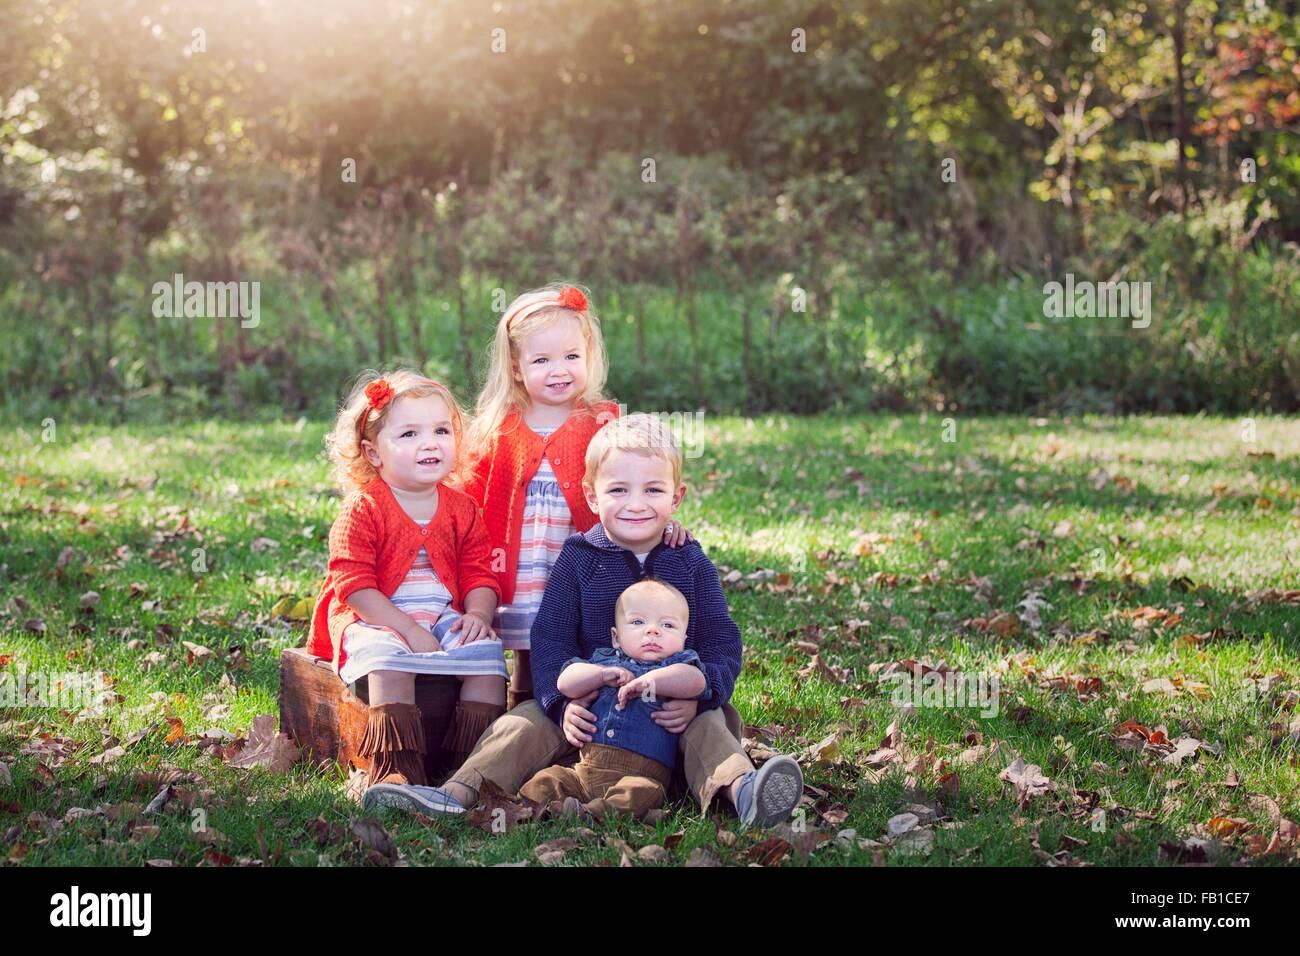 Cuatro niños de la familia de césped cubierto de hojas de otoño posando para fotografía sonriendo Imagen De Stock